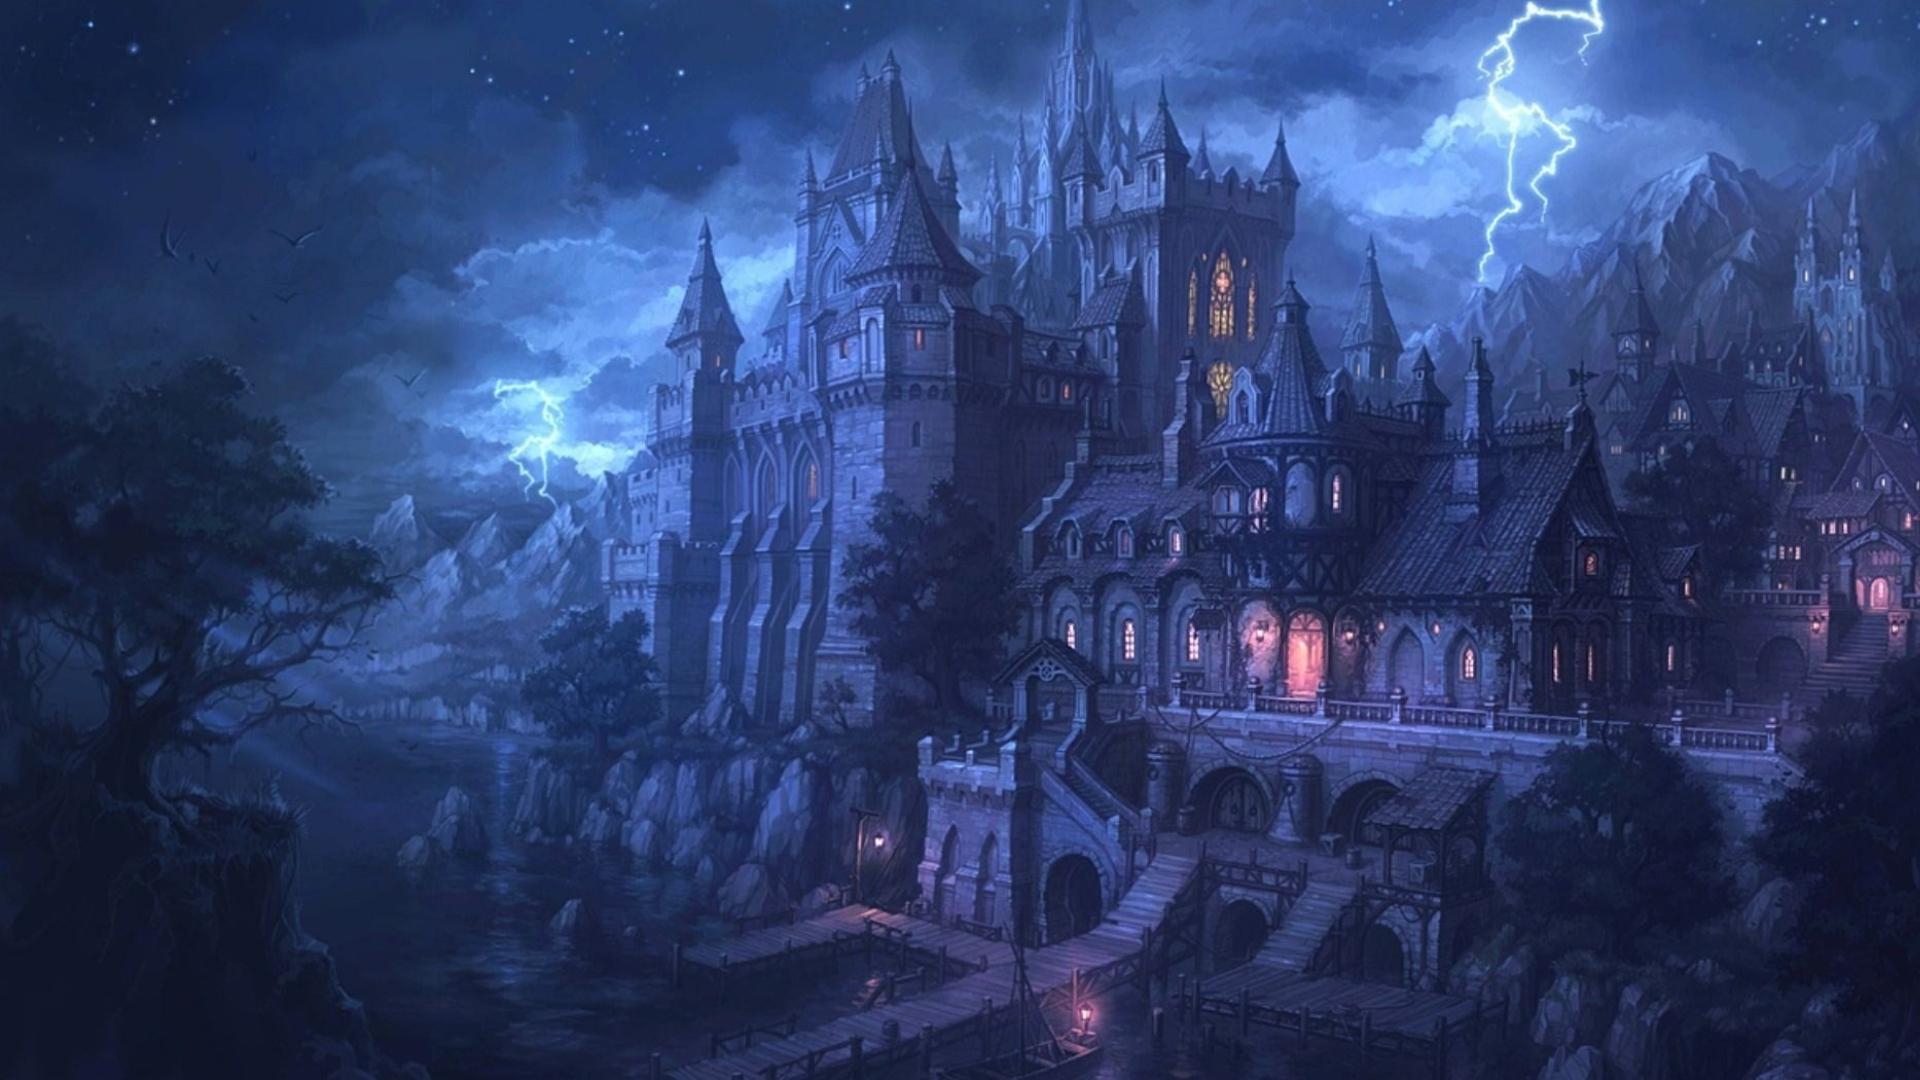 castle6ej6e